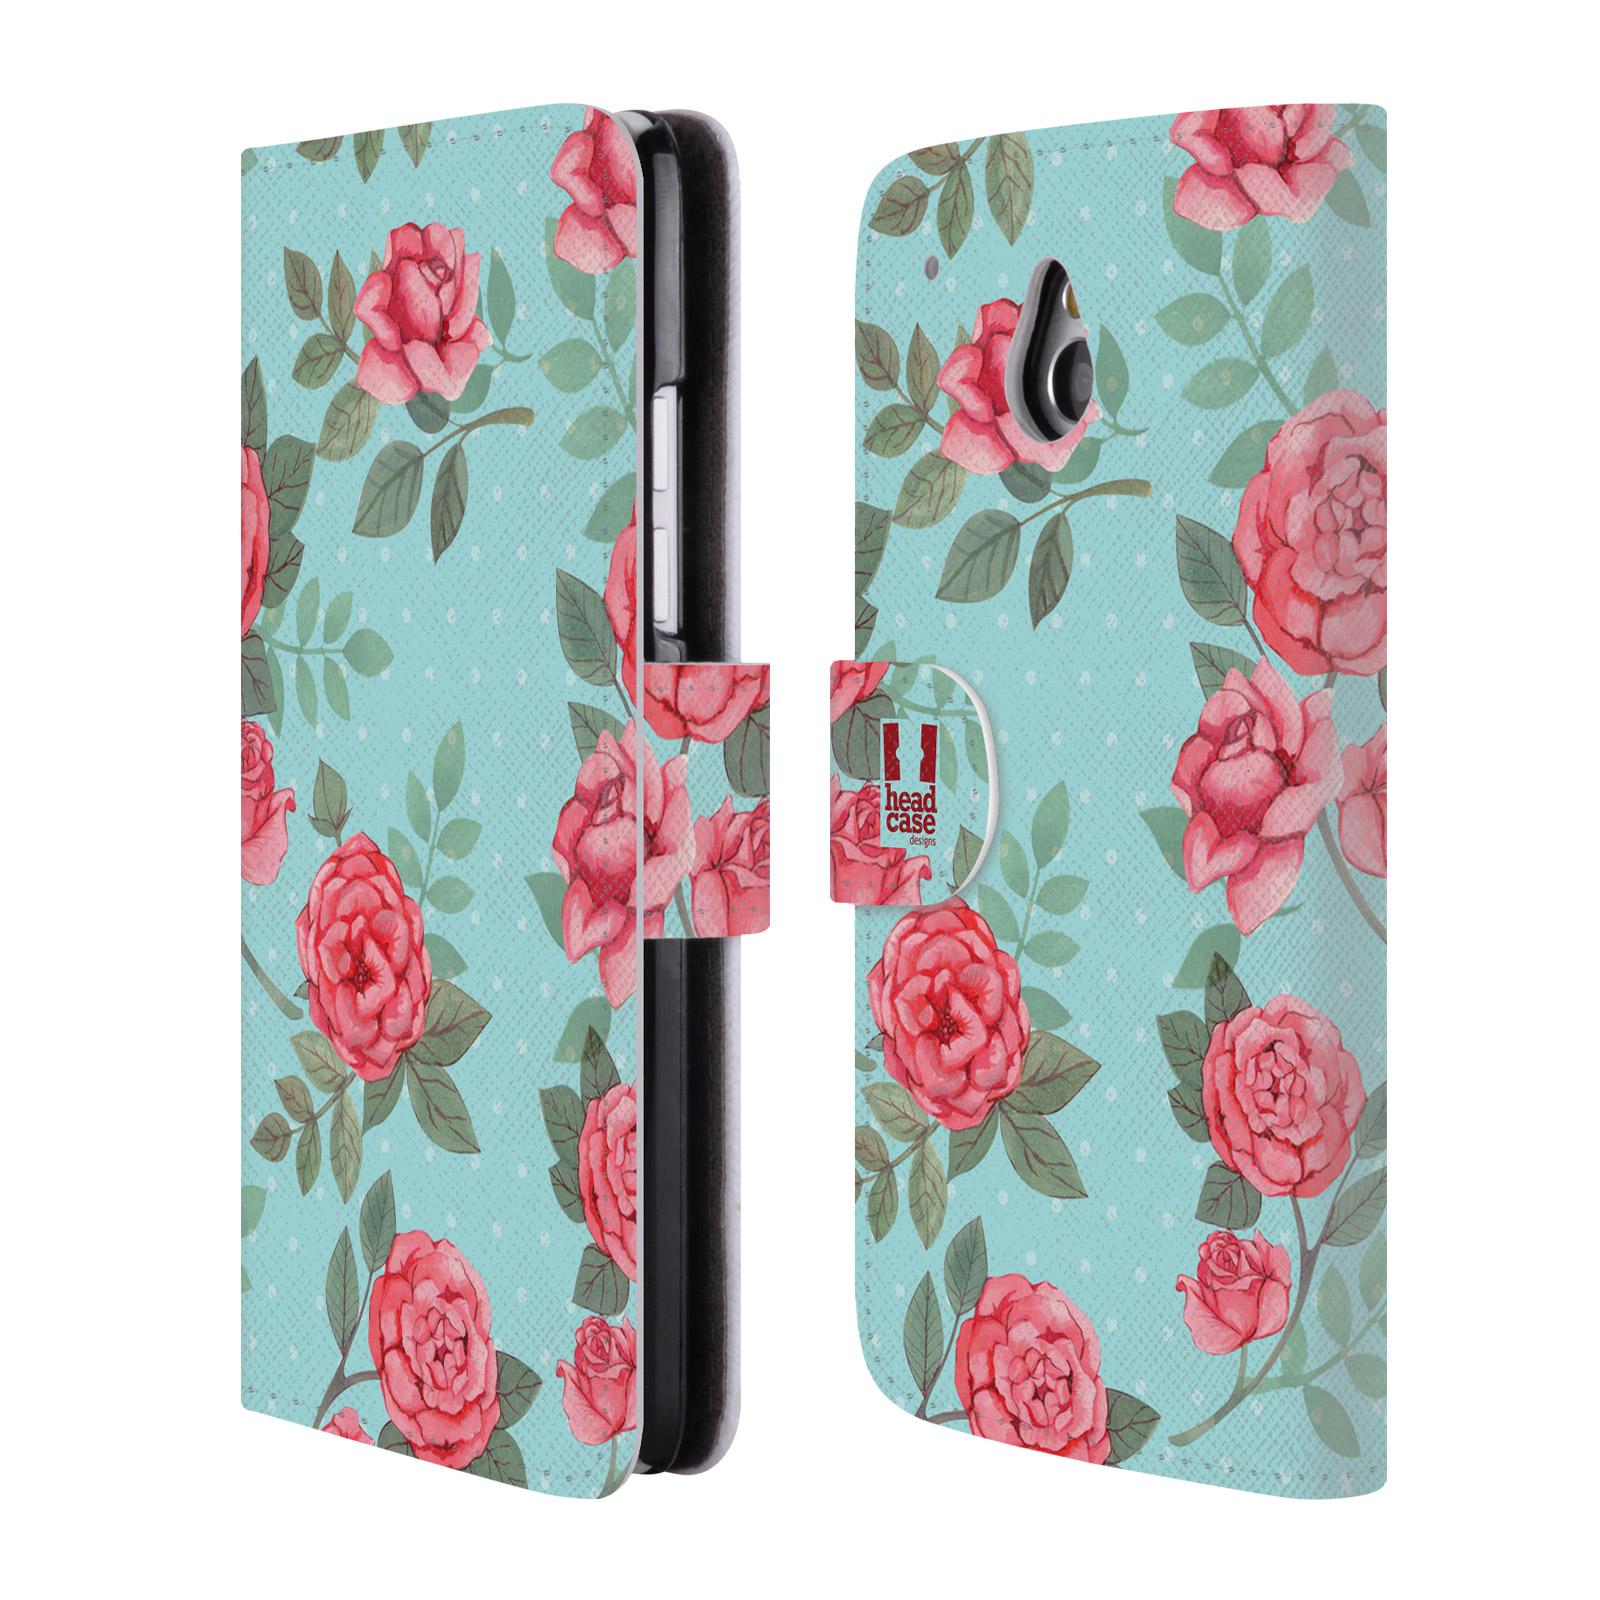 HEAD CASE Flipové pouzdro pro mobil HTC ONE MINI (M4) romantické květy velké růže modrá a růžová